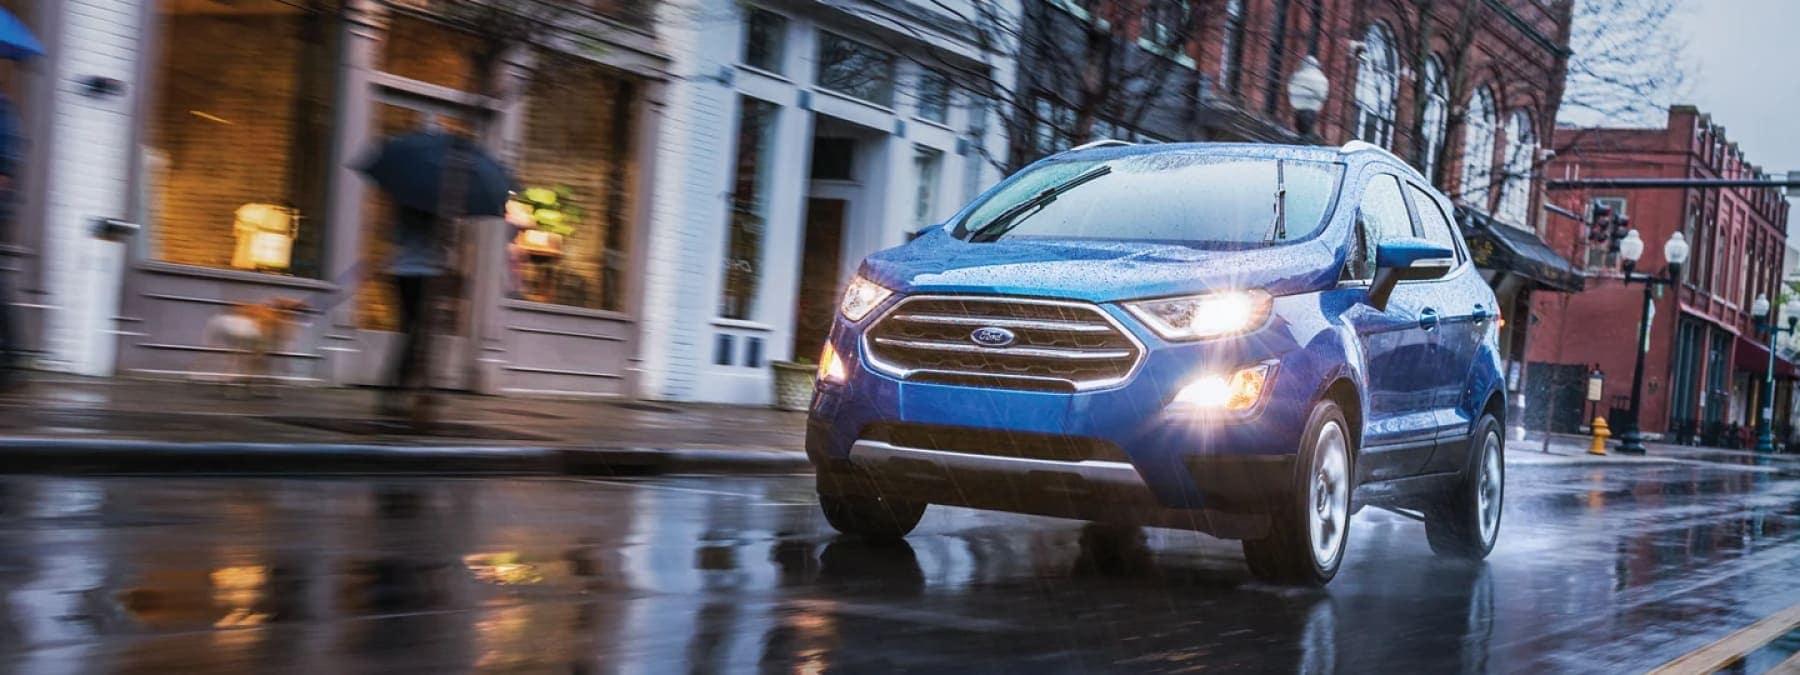 Blue Ford Edge